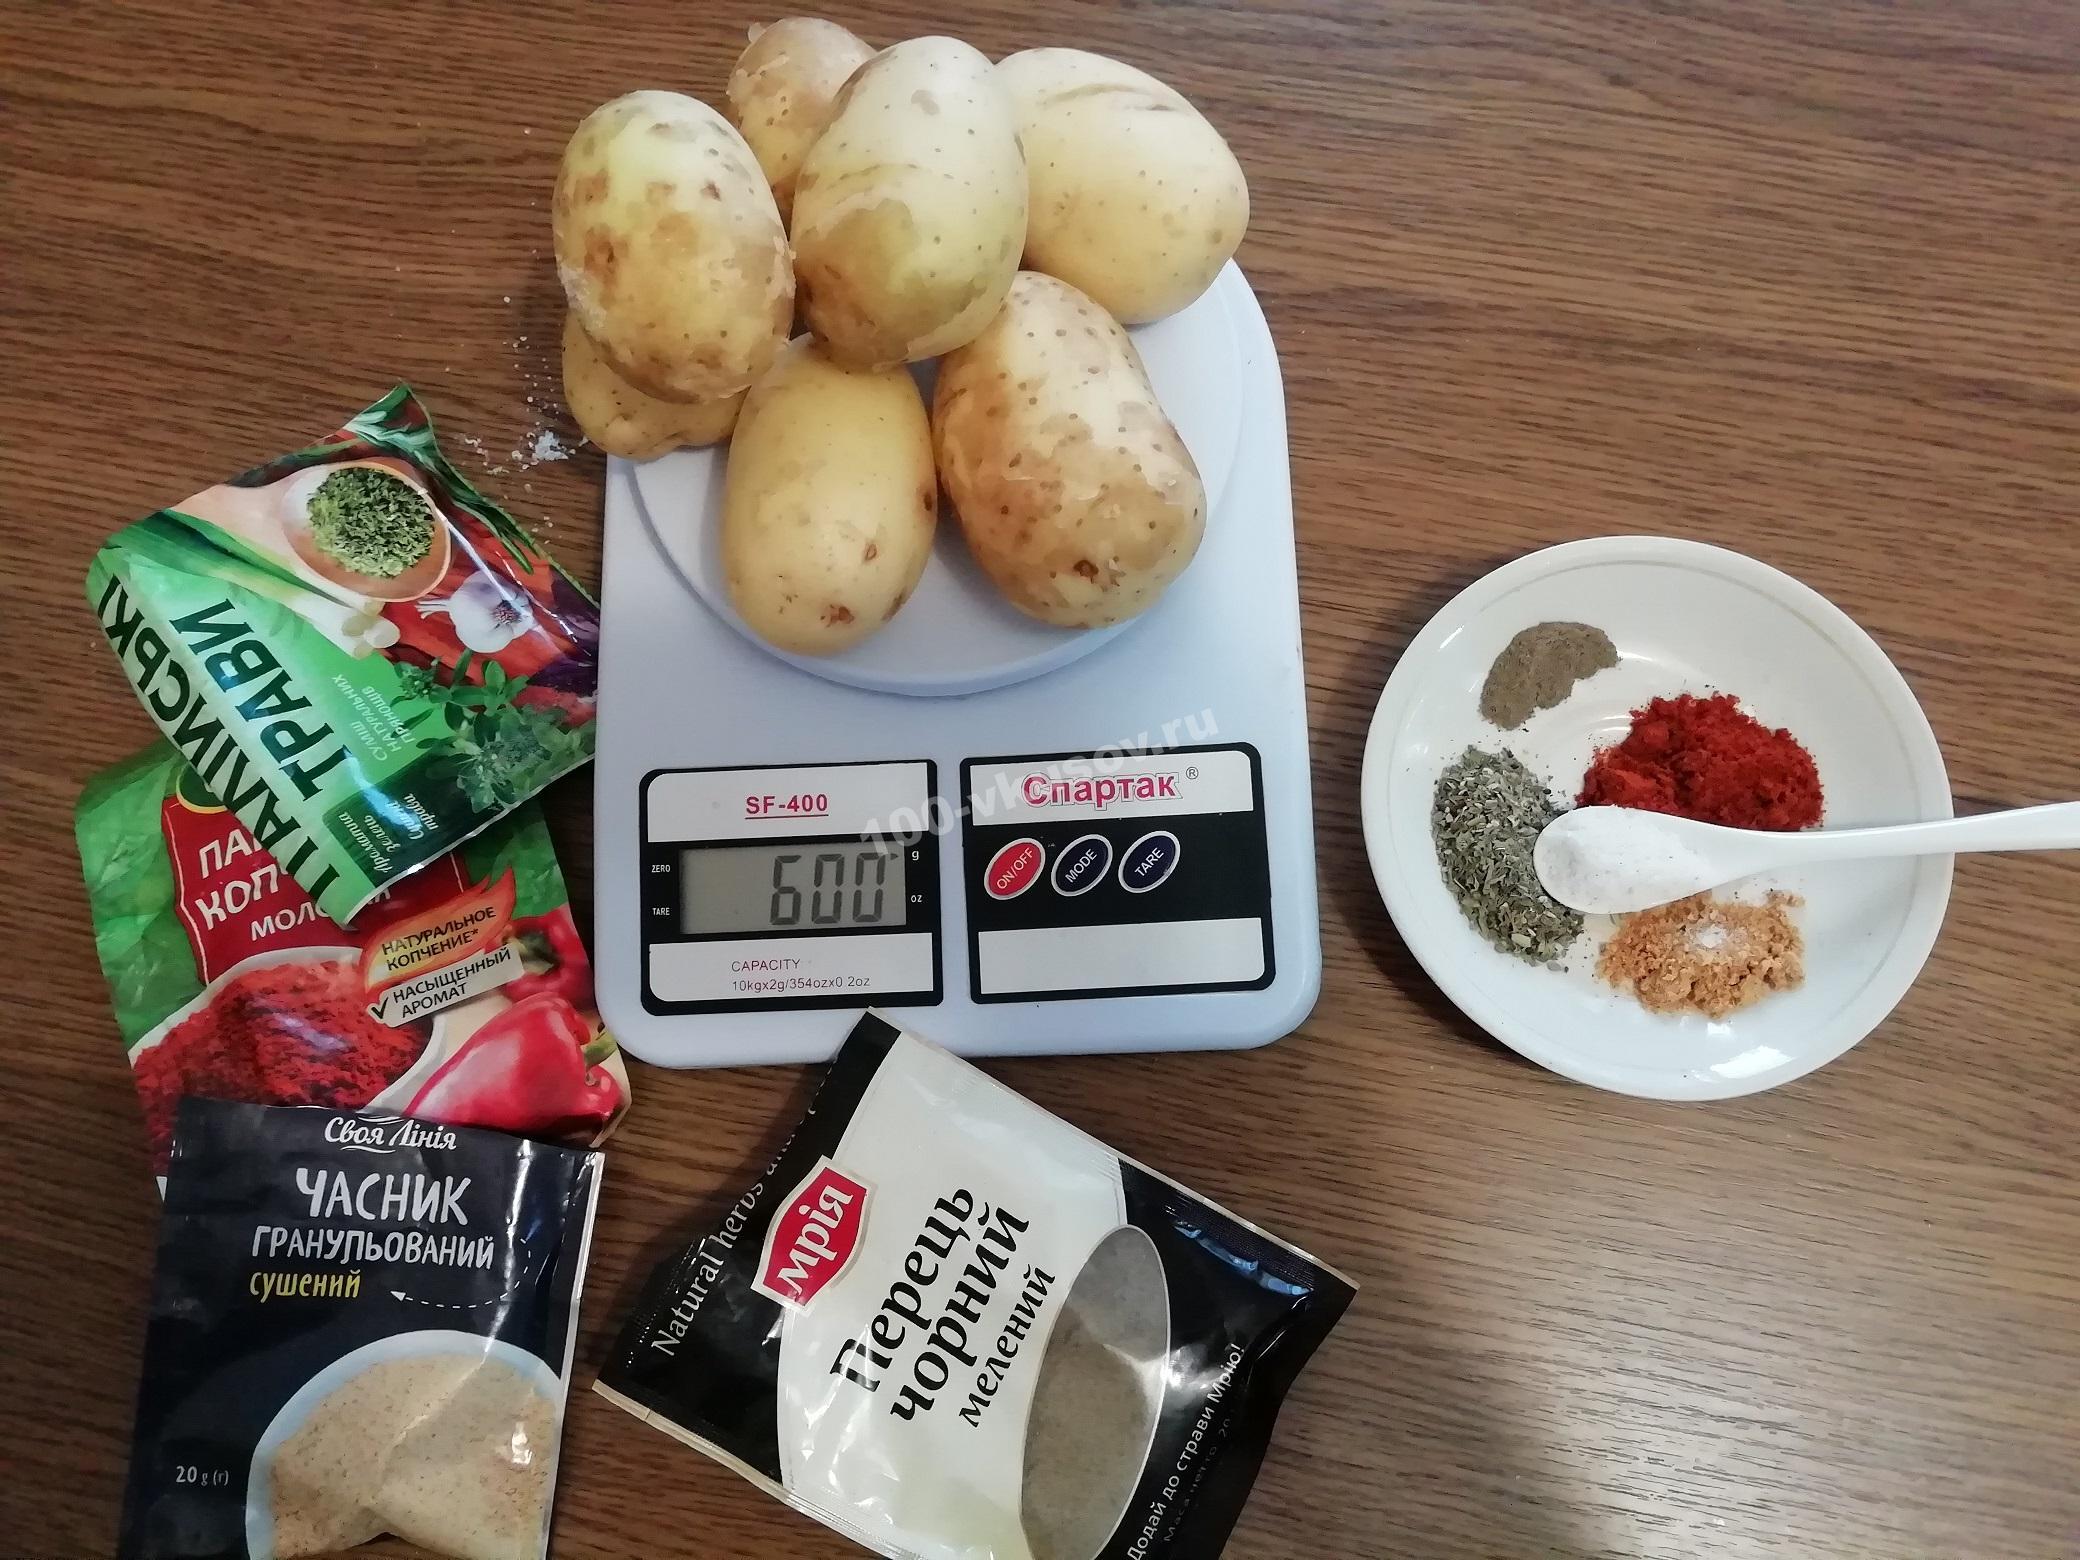 Продукты для картошки по деревенски